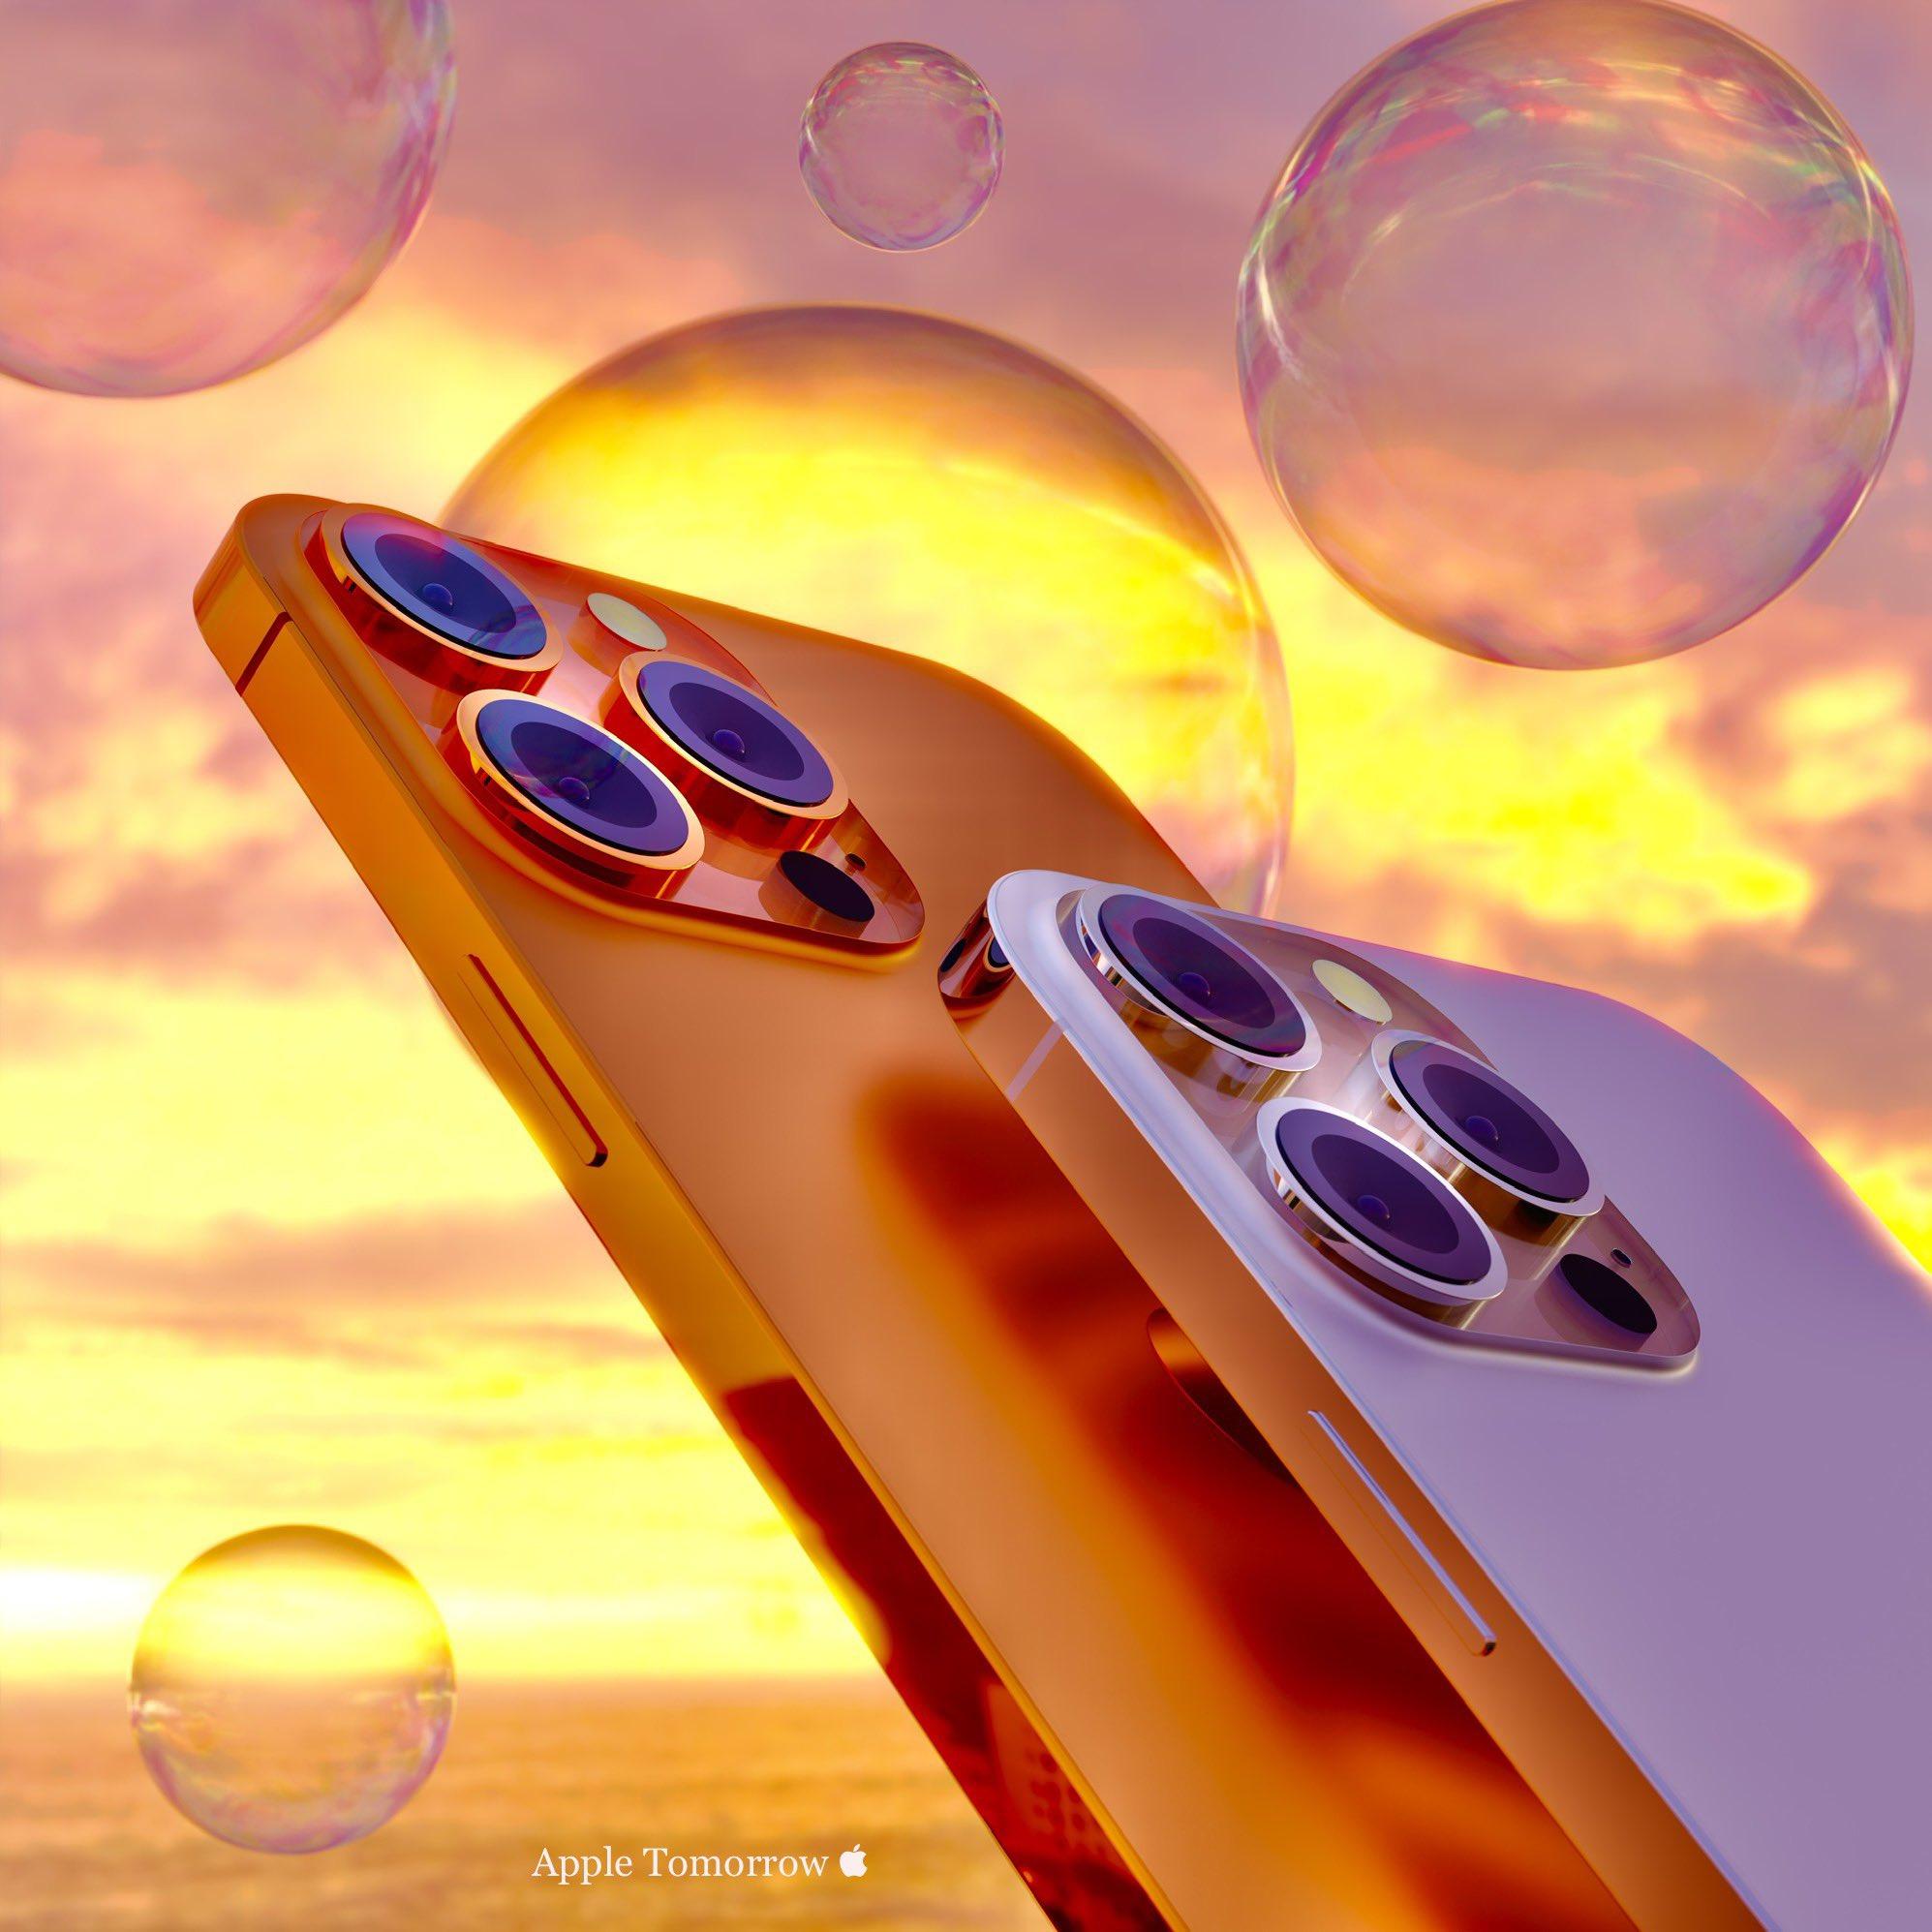 Concept iPhone 13 Pro Max